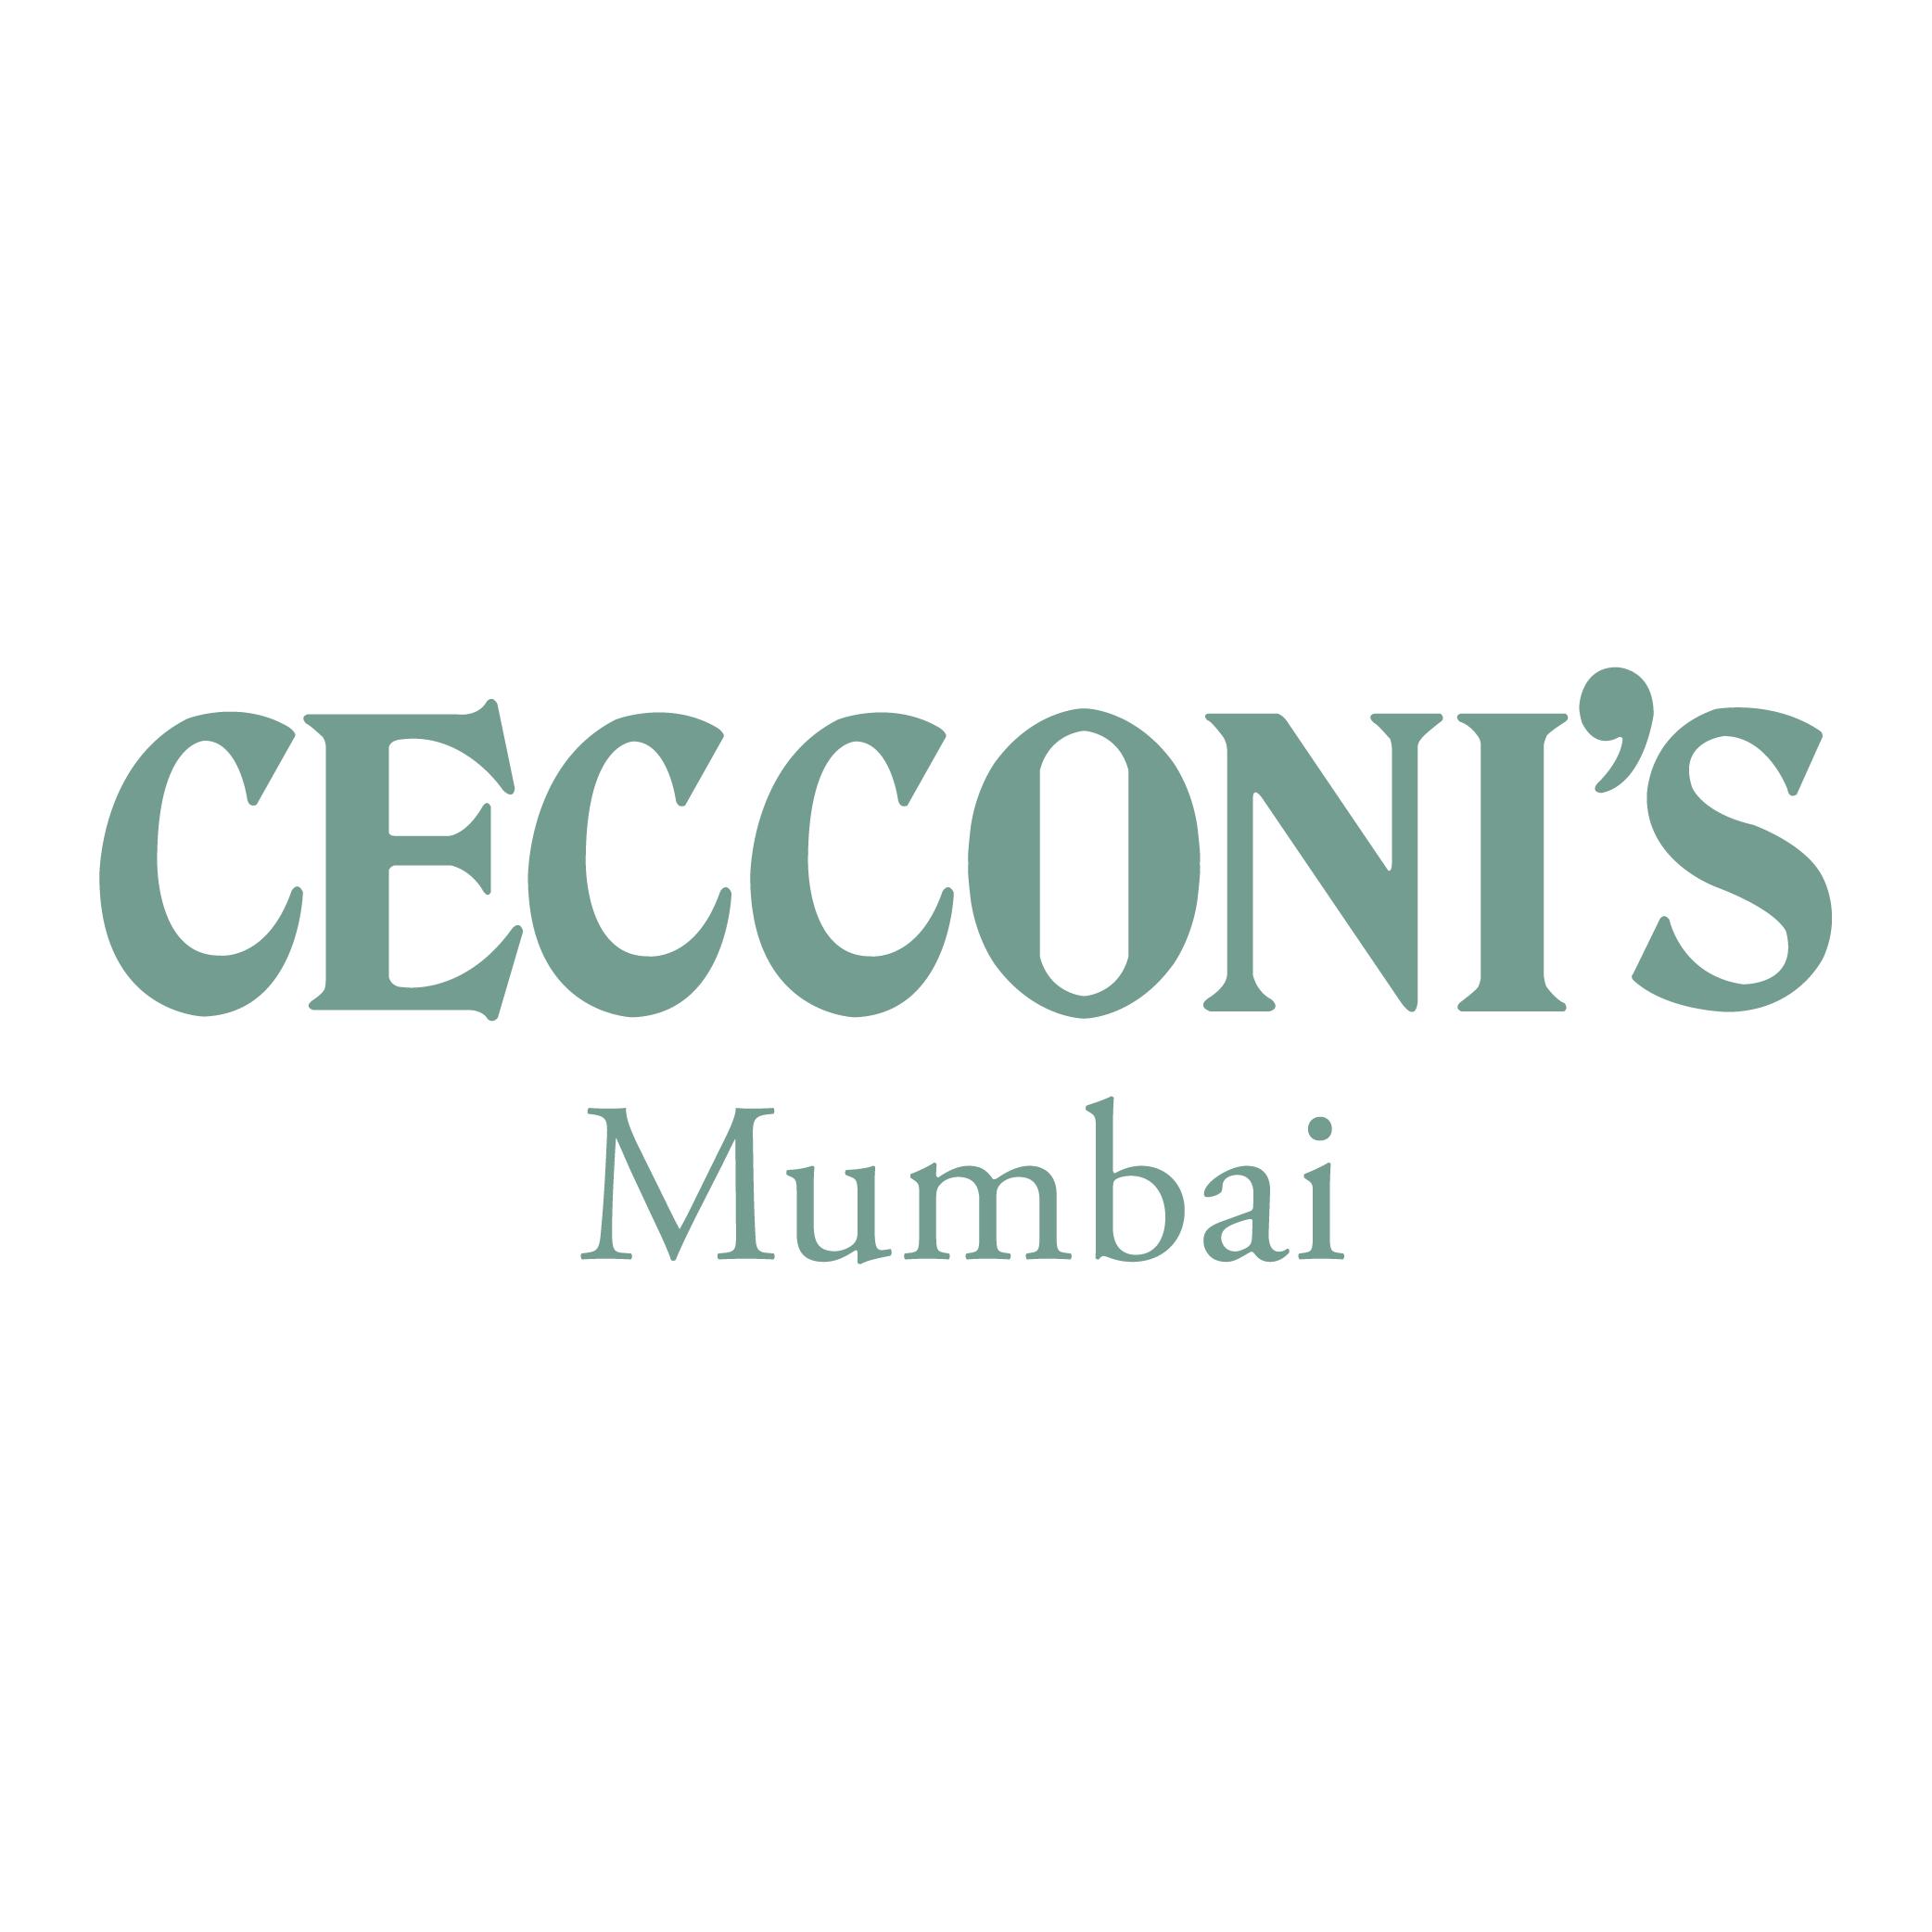 Cecconi's Mumbai